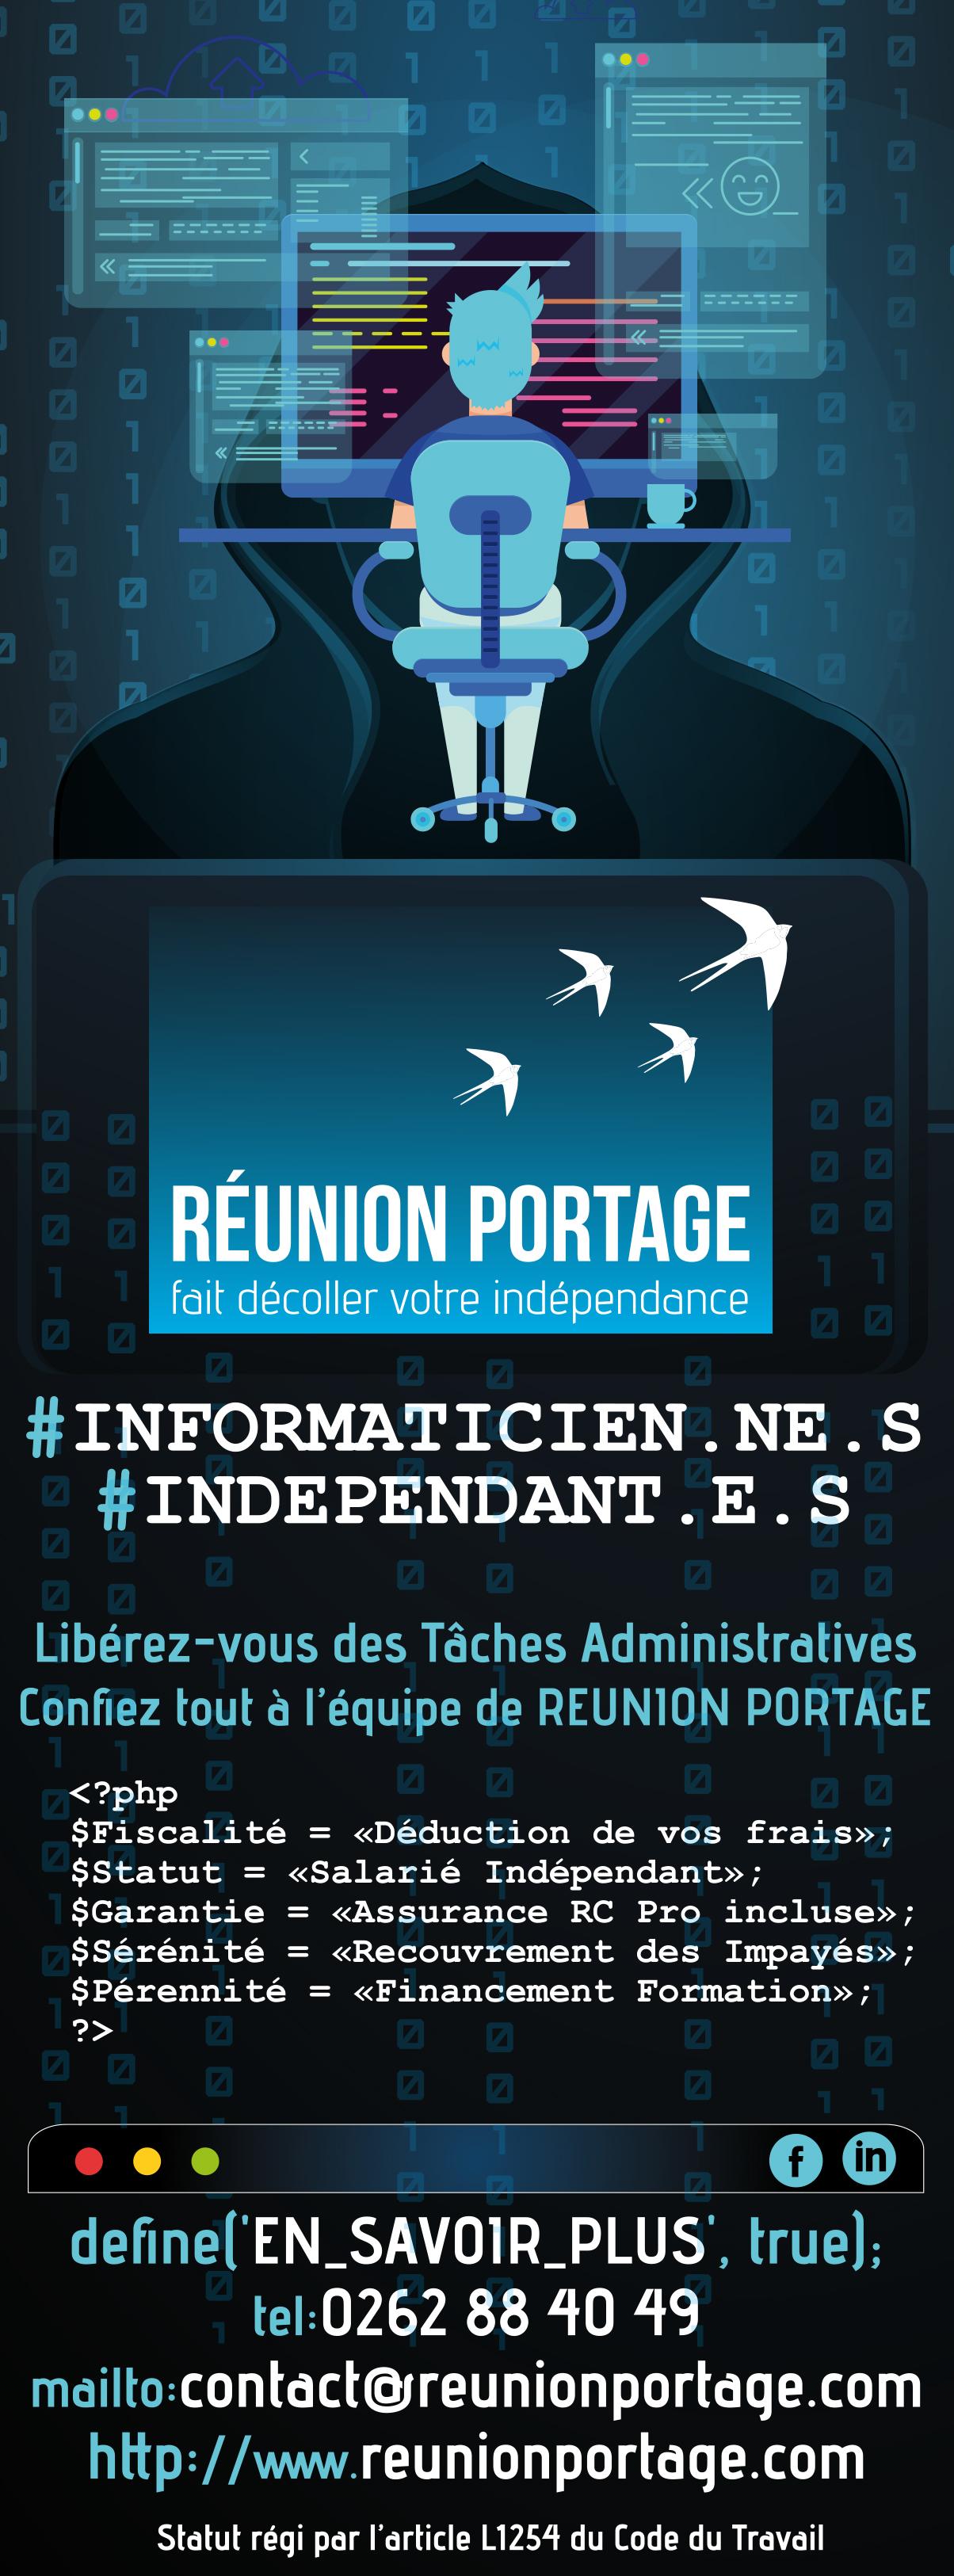 Réunion Portage | Visuel Pub | Conception PAO